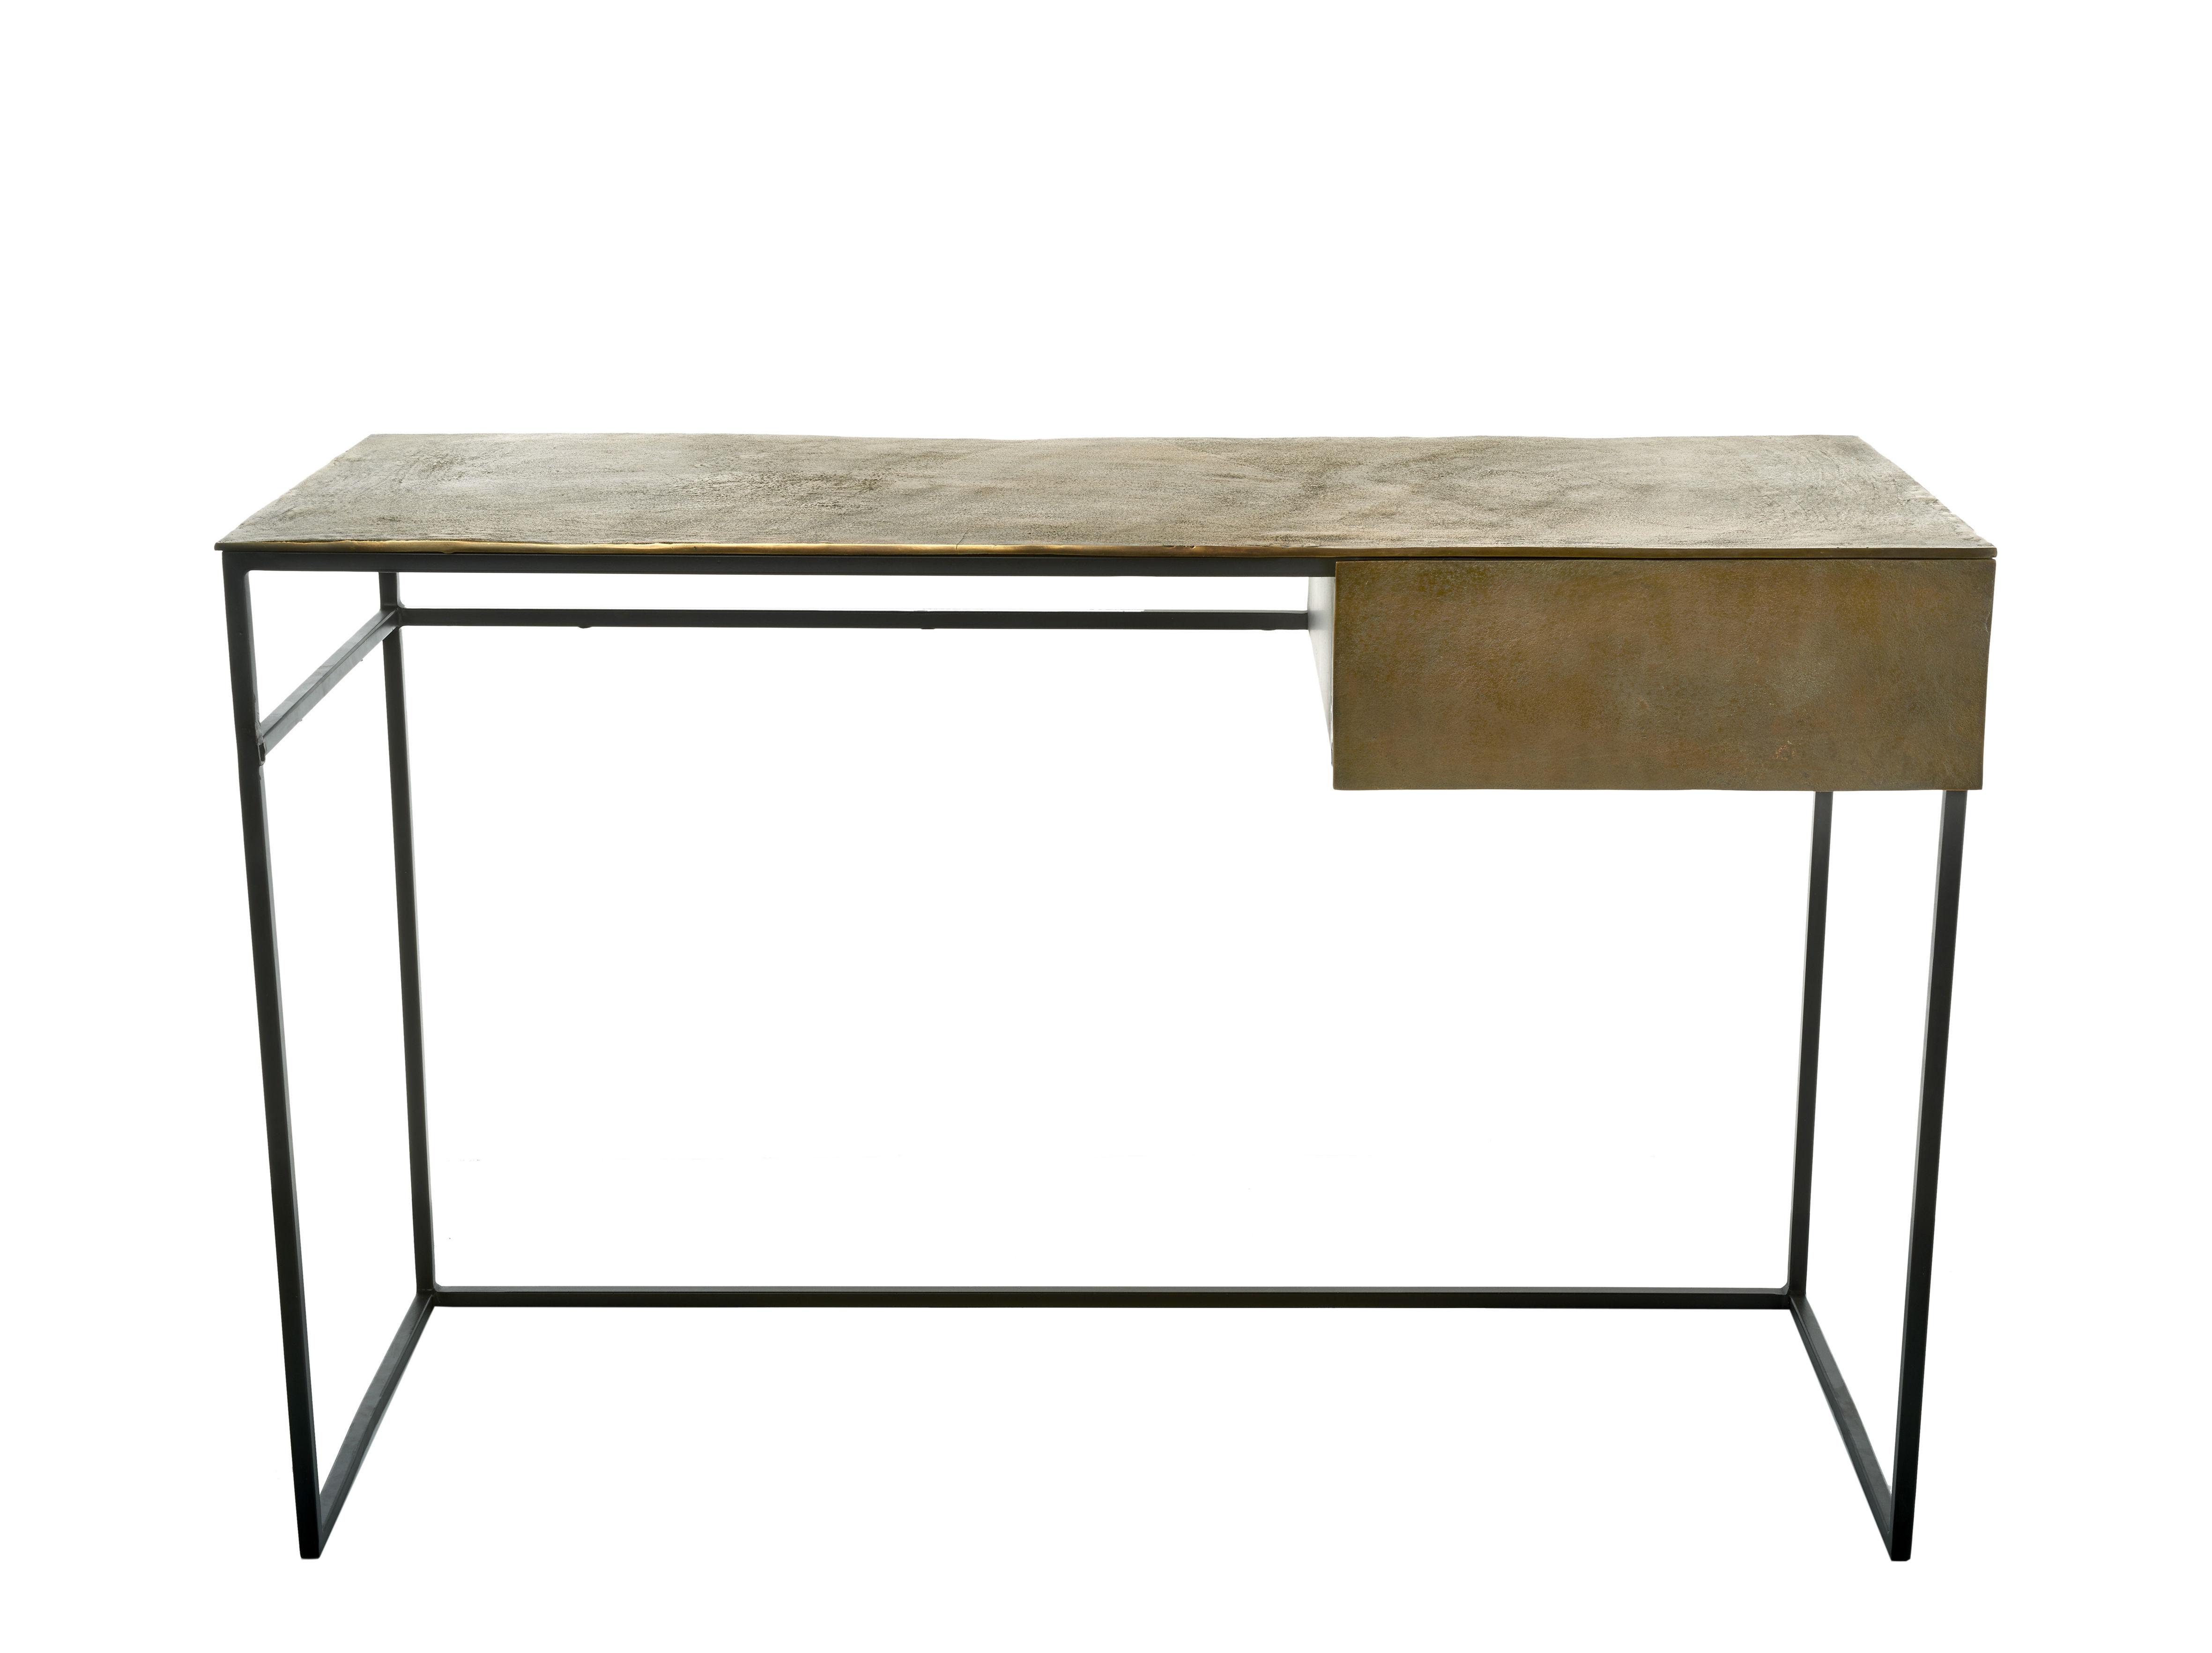 Mobilier - Bureaux - Bureau Antique shine / Console - L 120 cm - Pols Potten - Laiton vieilli / Piètement noir - Fer époxy, Métal finition laiton vieilli